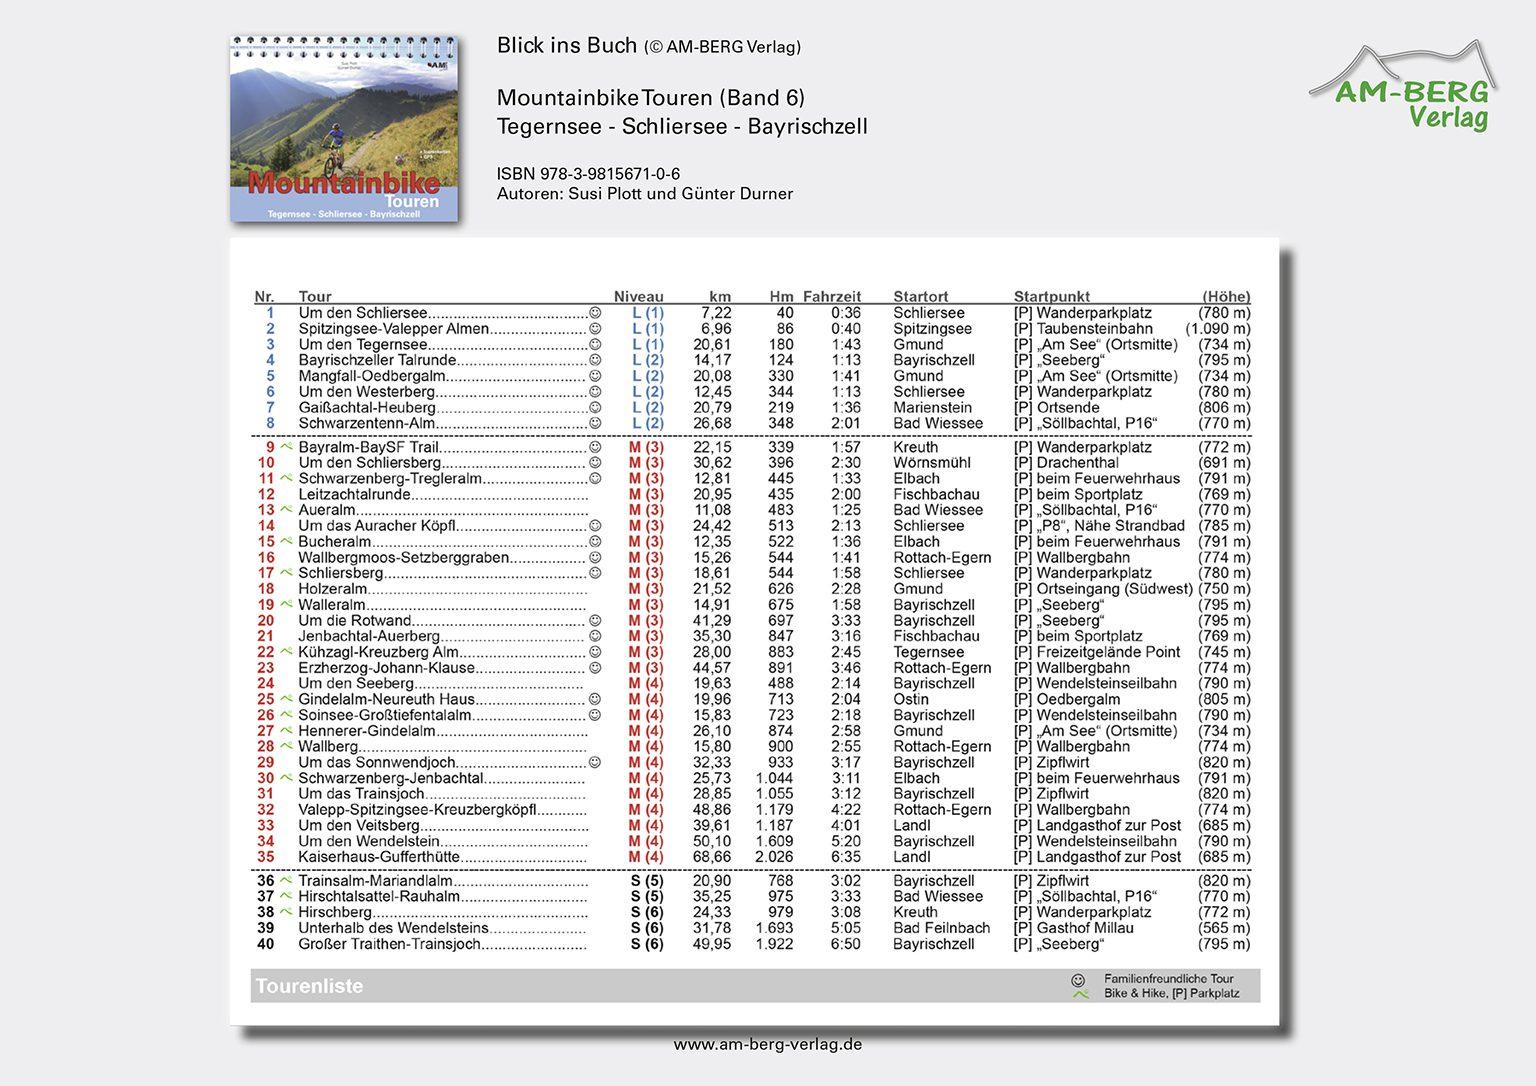 Mountainbike Touren Tegernsee-Schliersee-Bayrischzell (Band 6)_BlickinsBuch3